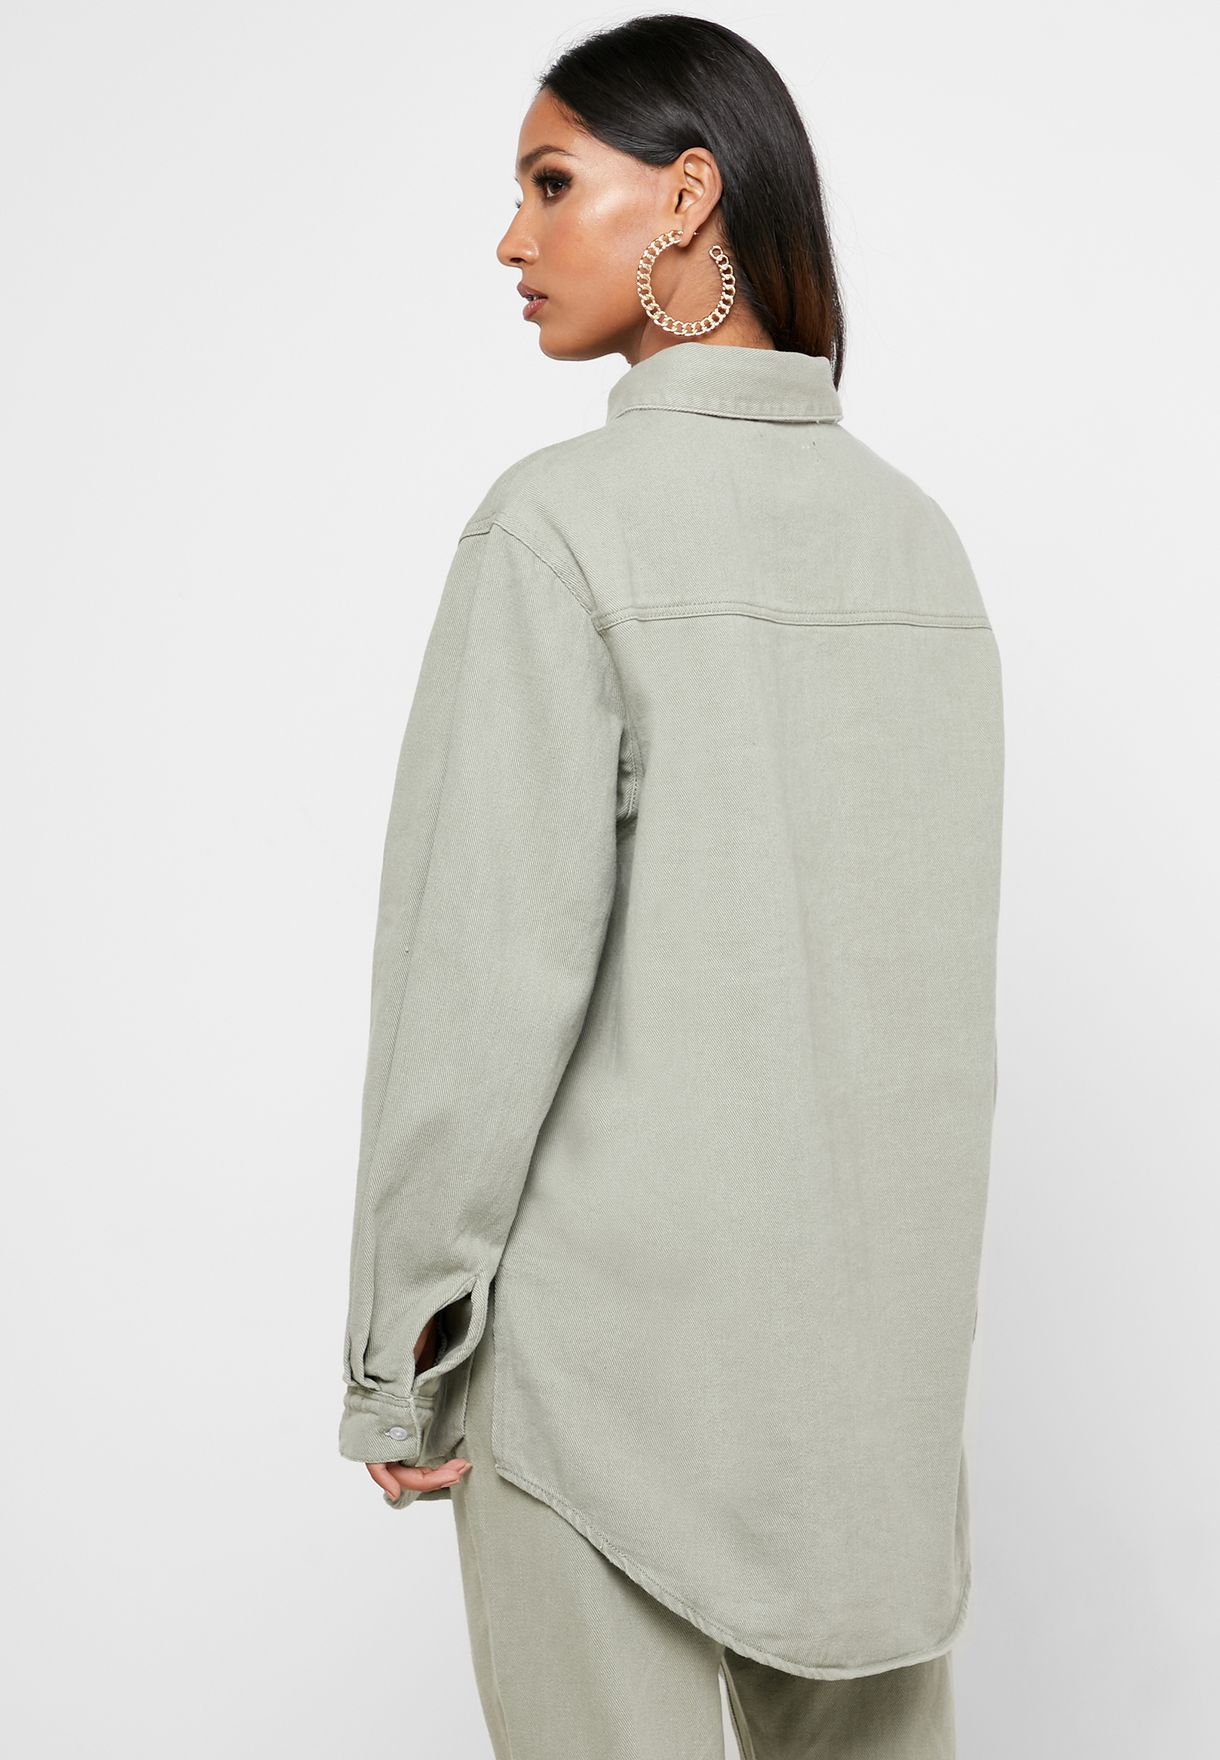 Oversized Denim Shirt-Co Ord